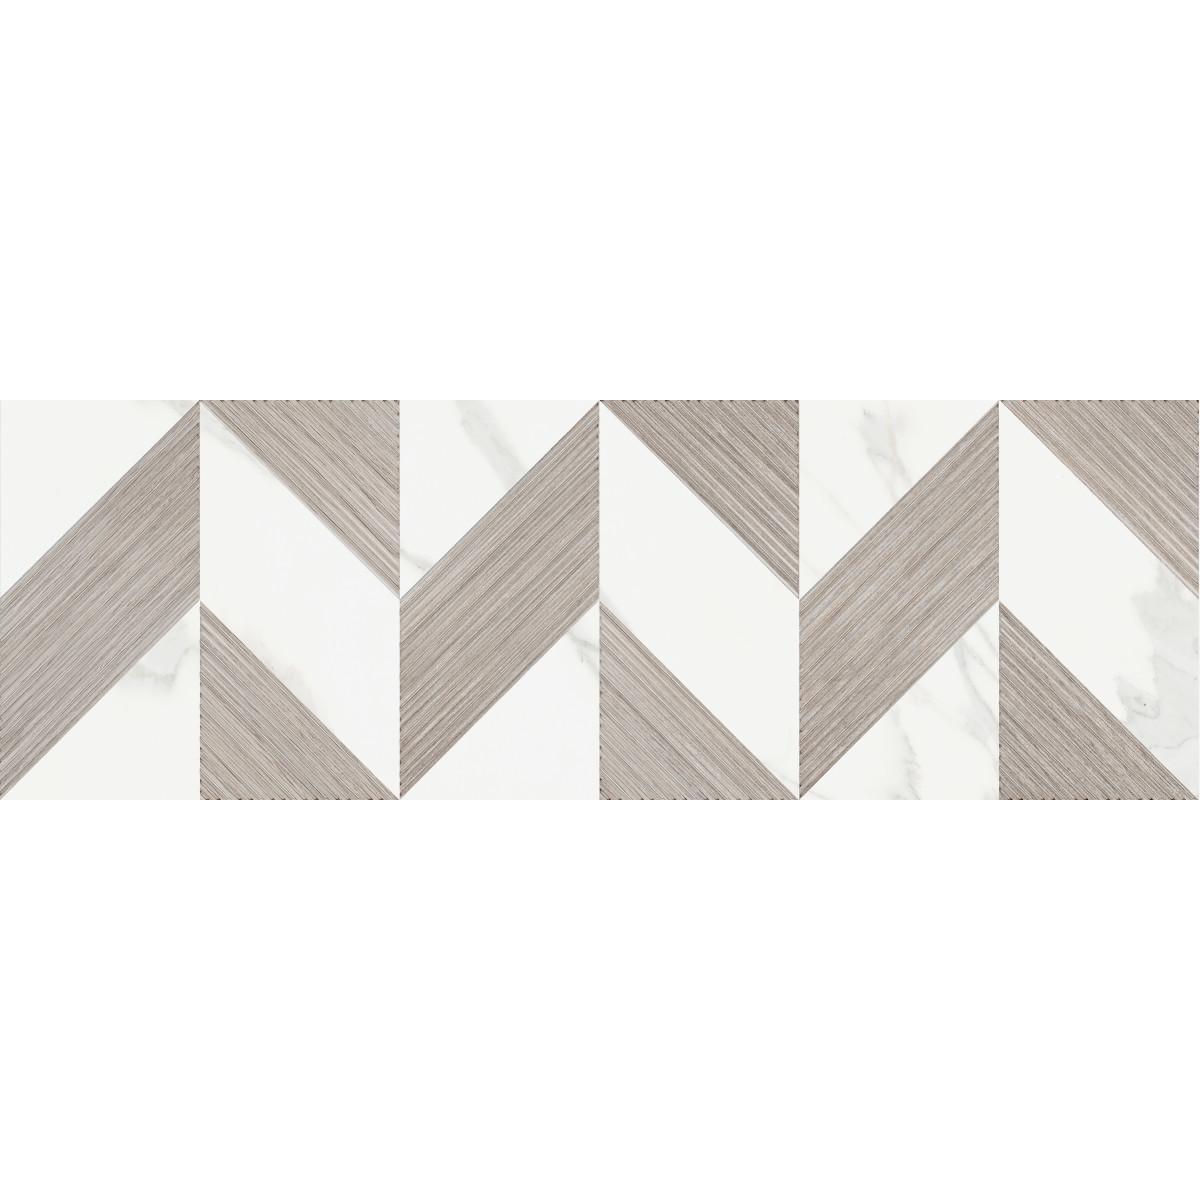 Декор настенный Бьорк Шеврон 20x60 см цвет белый/коричневый